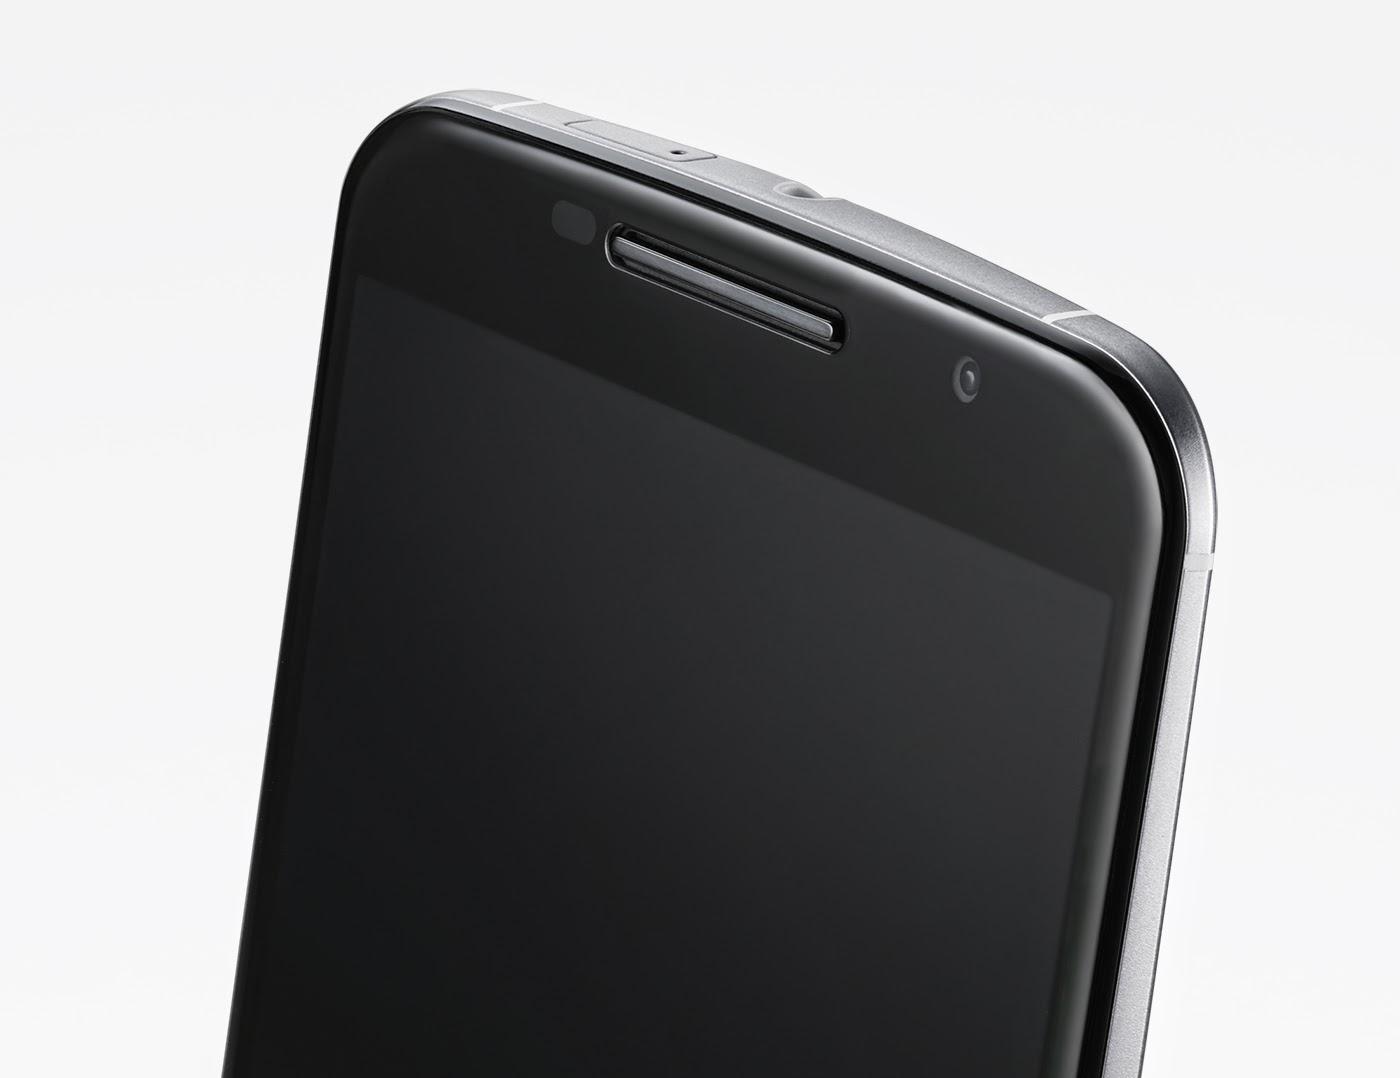 Kamera Nexus 6 Terbaru yang berkualitas